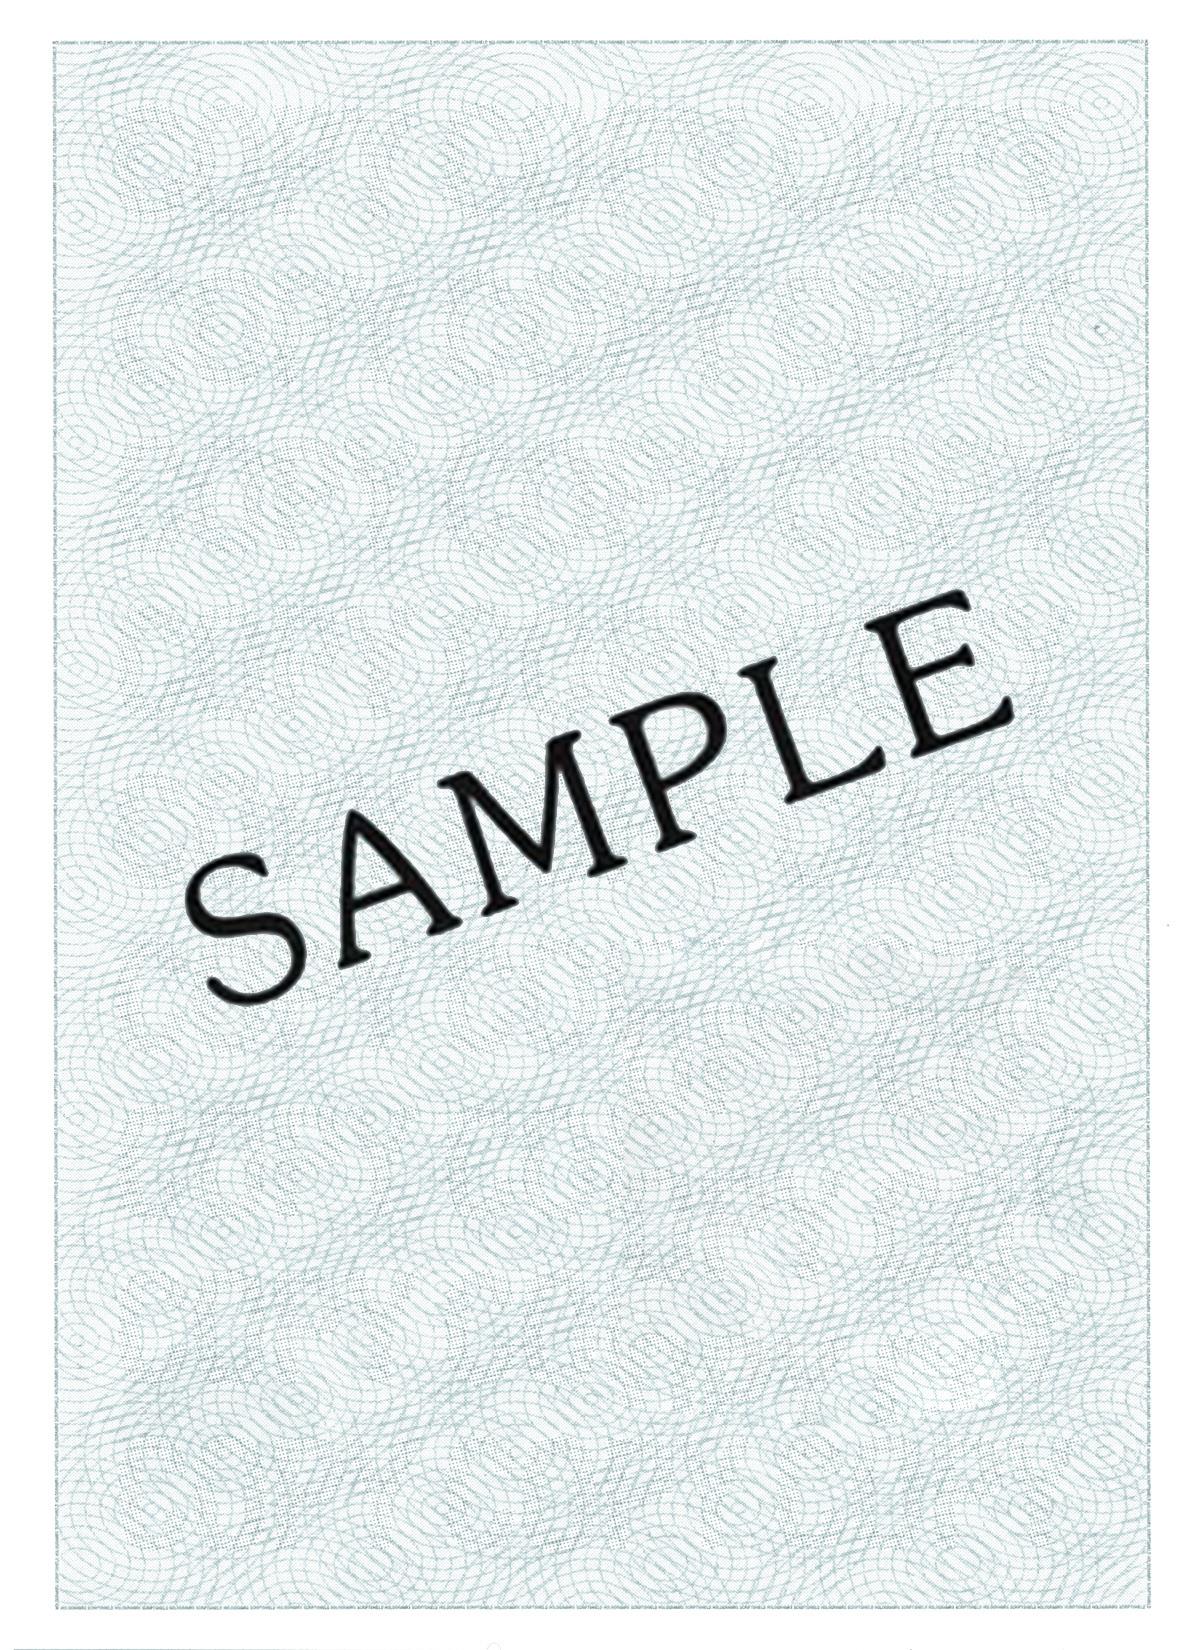 4. Oregon Rx Paper